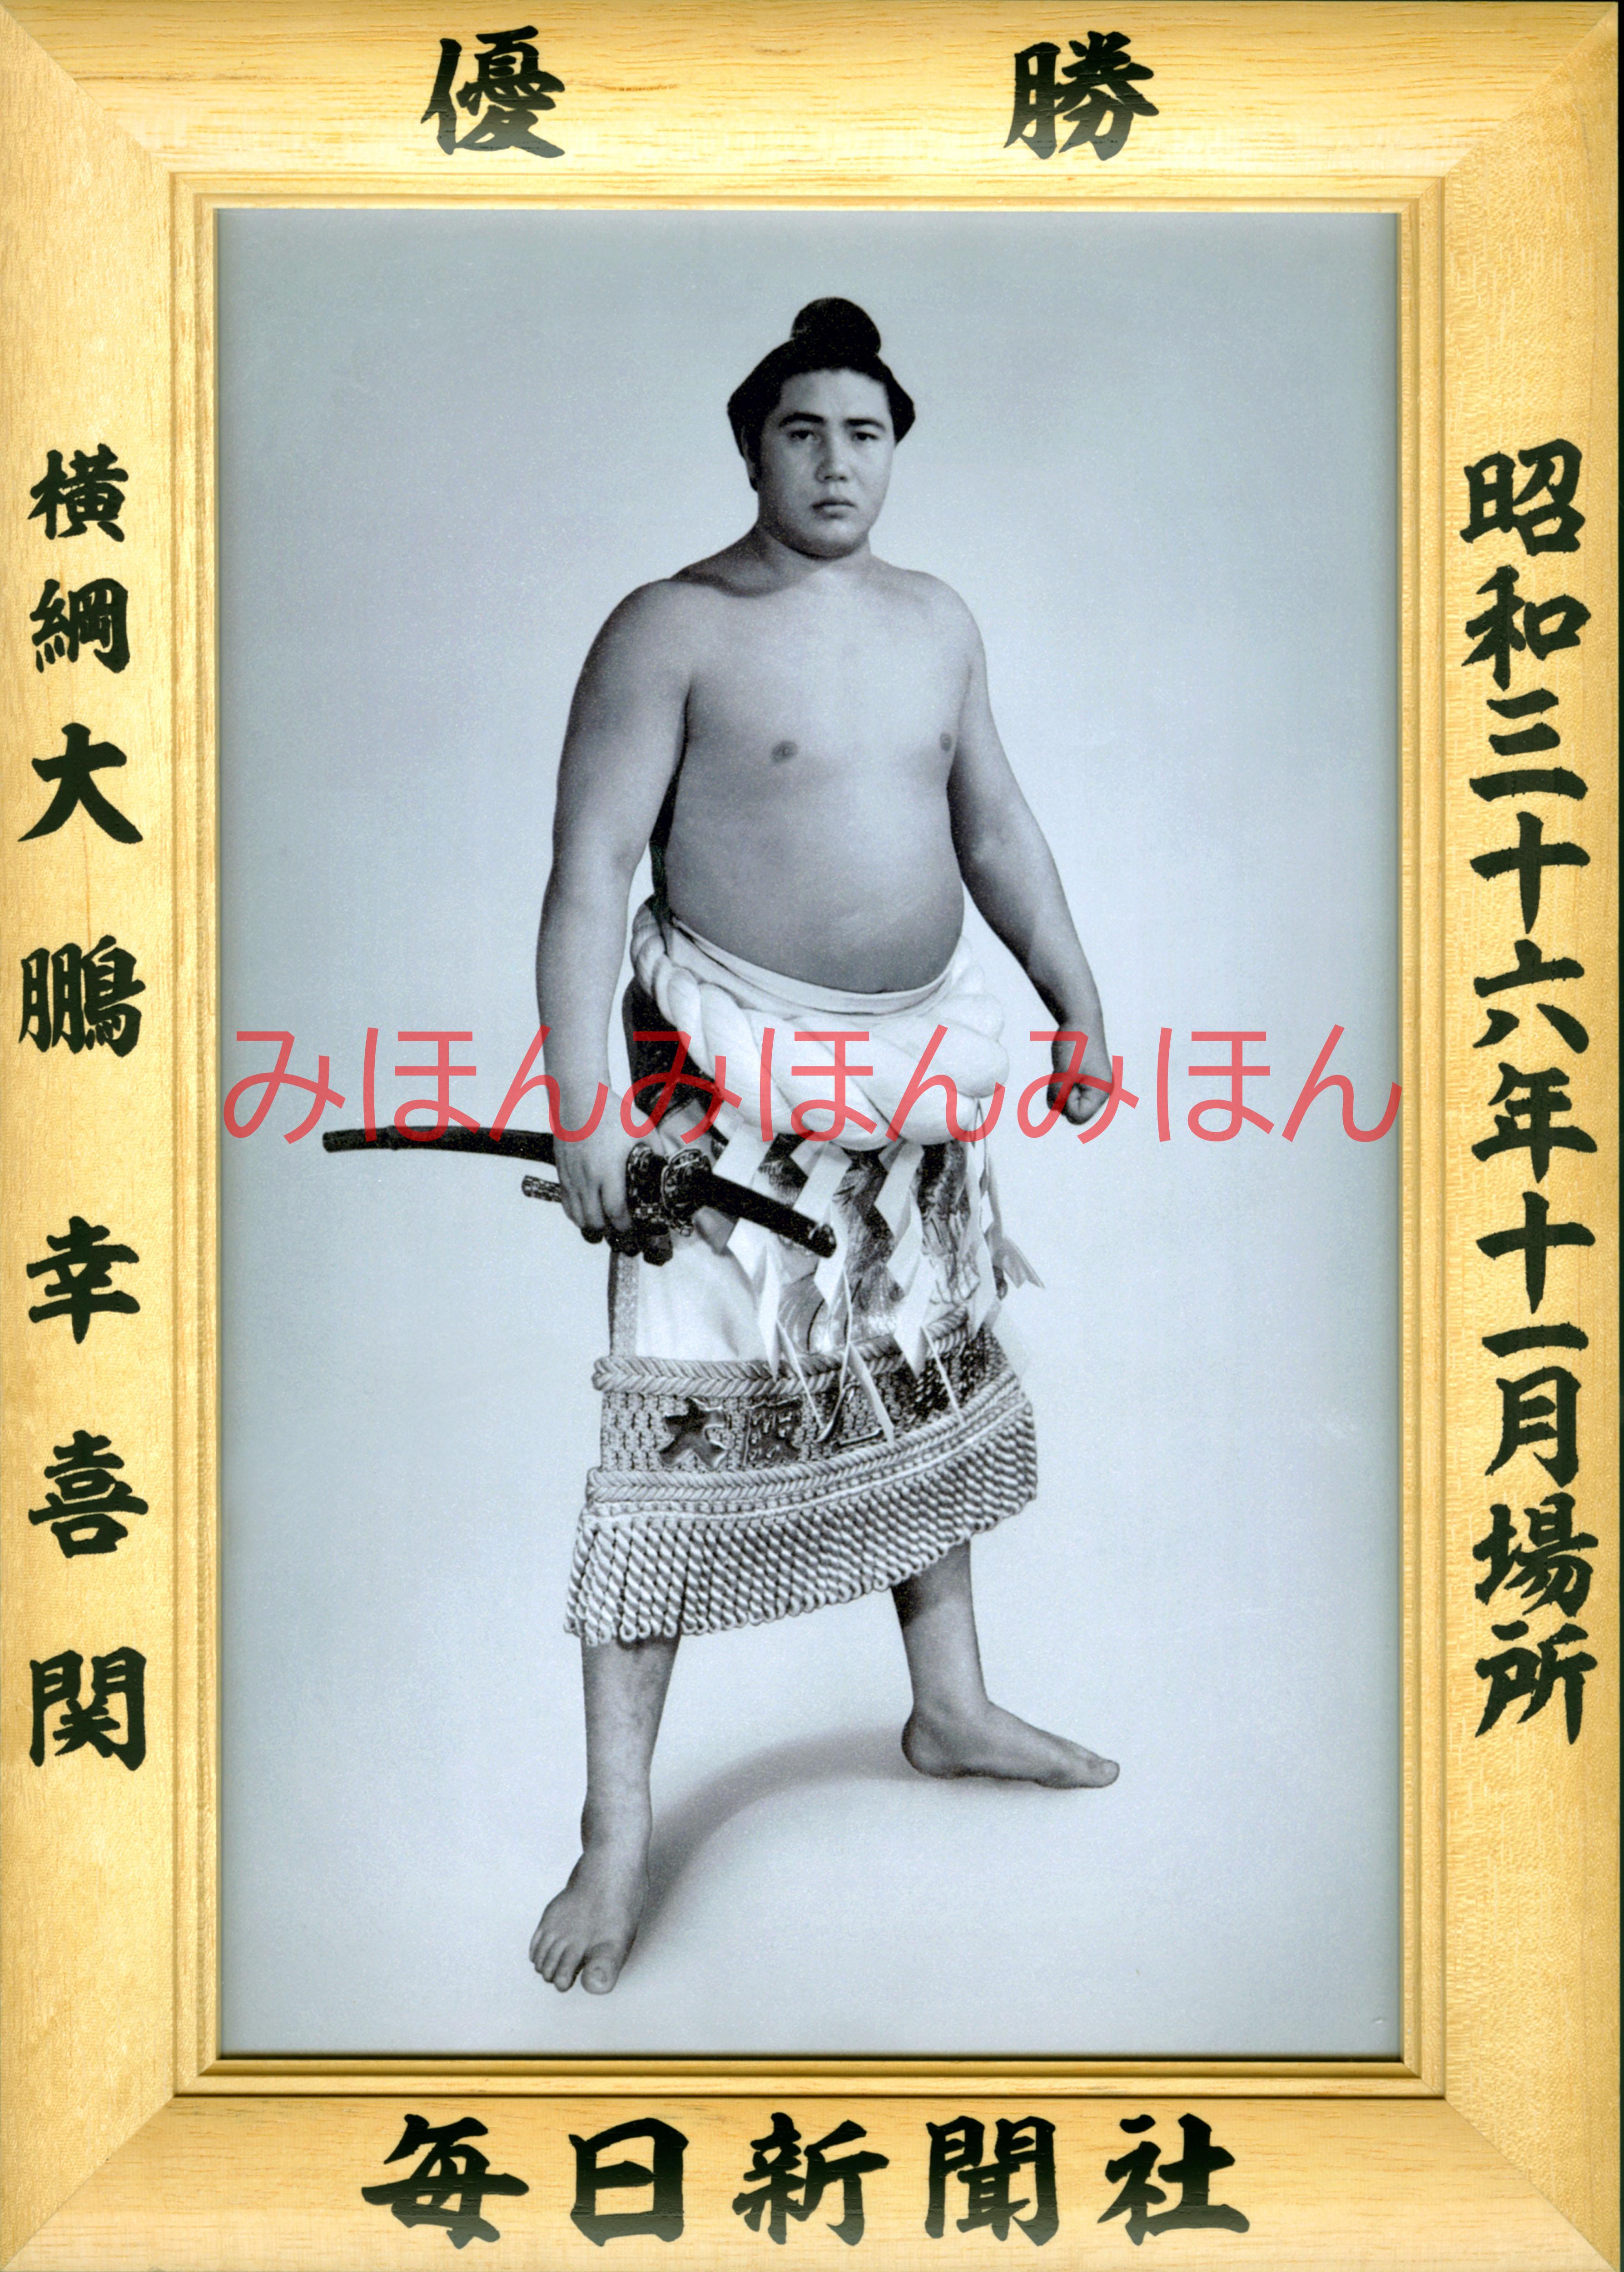 昭和36年11月場所優勝 横綱 大鵬幸喜関(4回目の優勝)